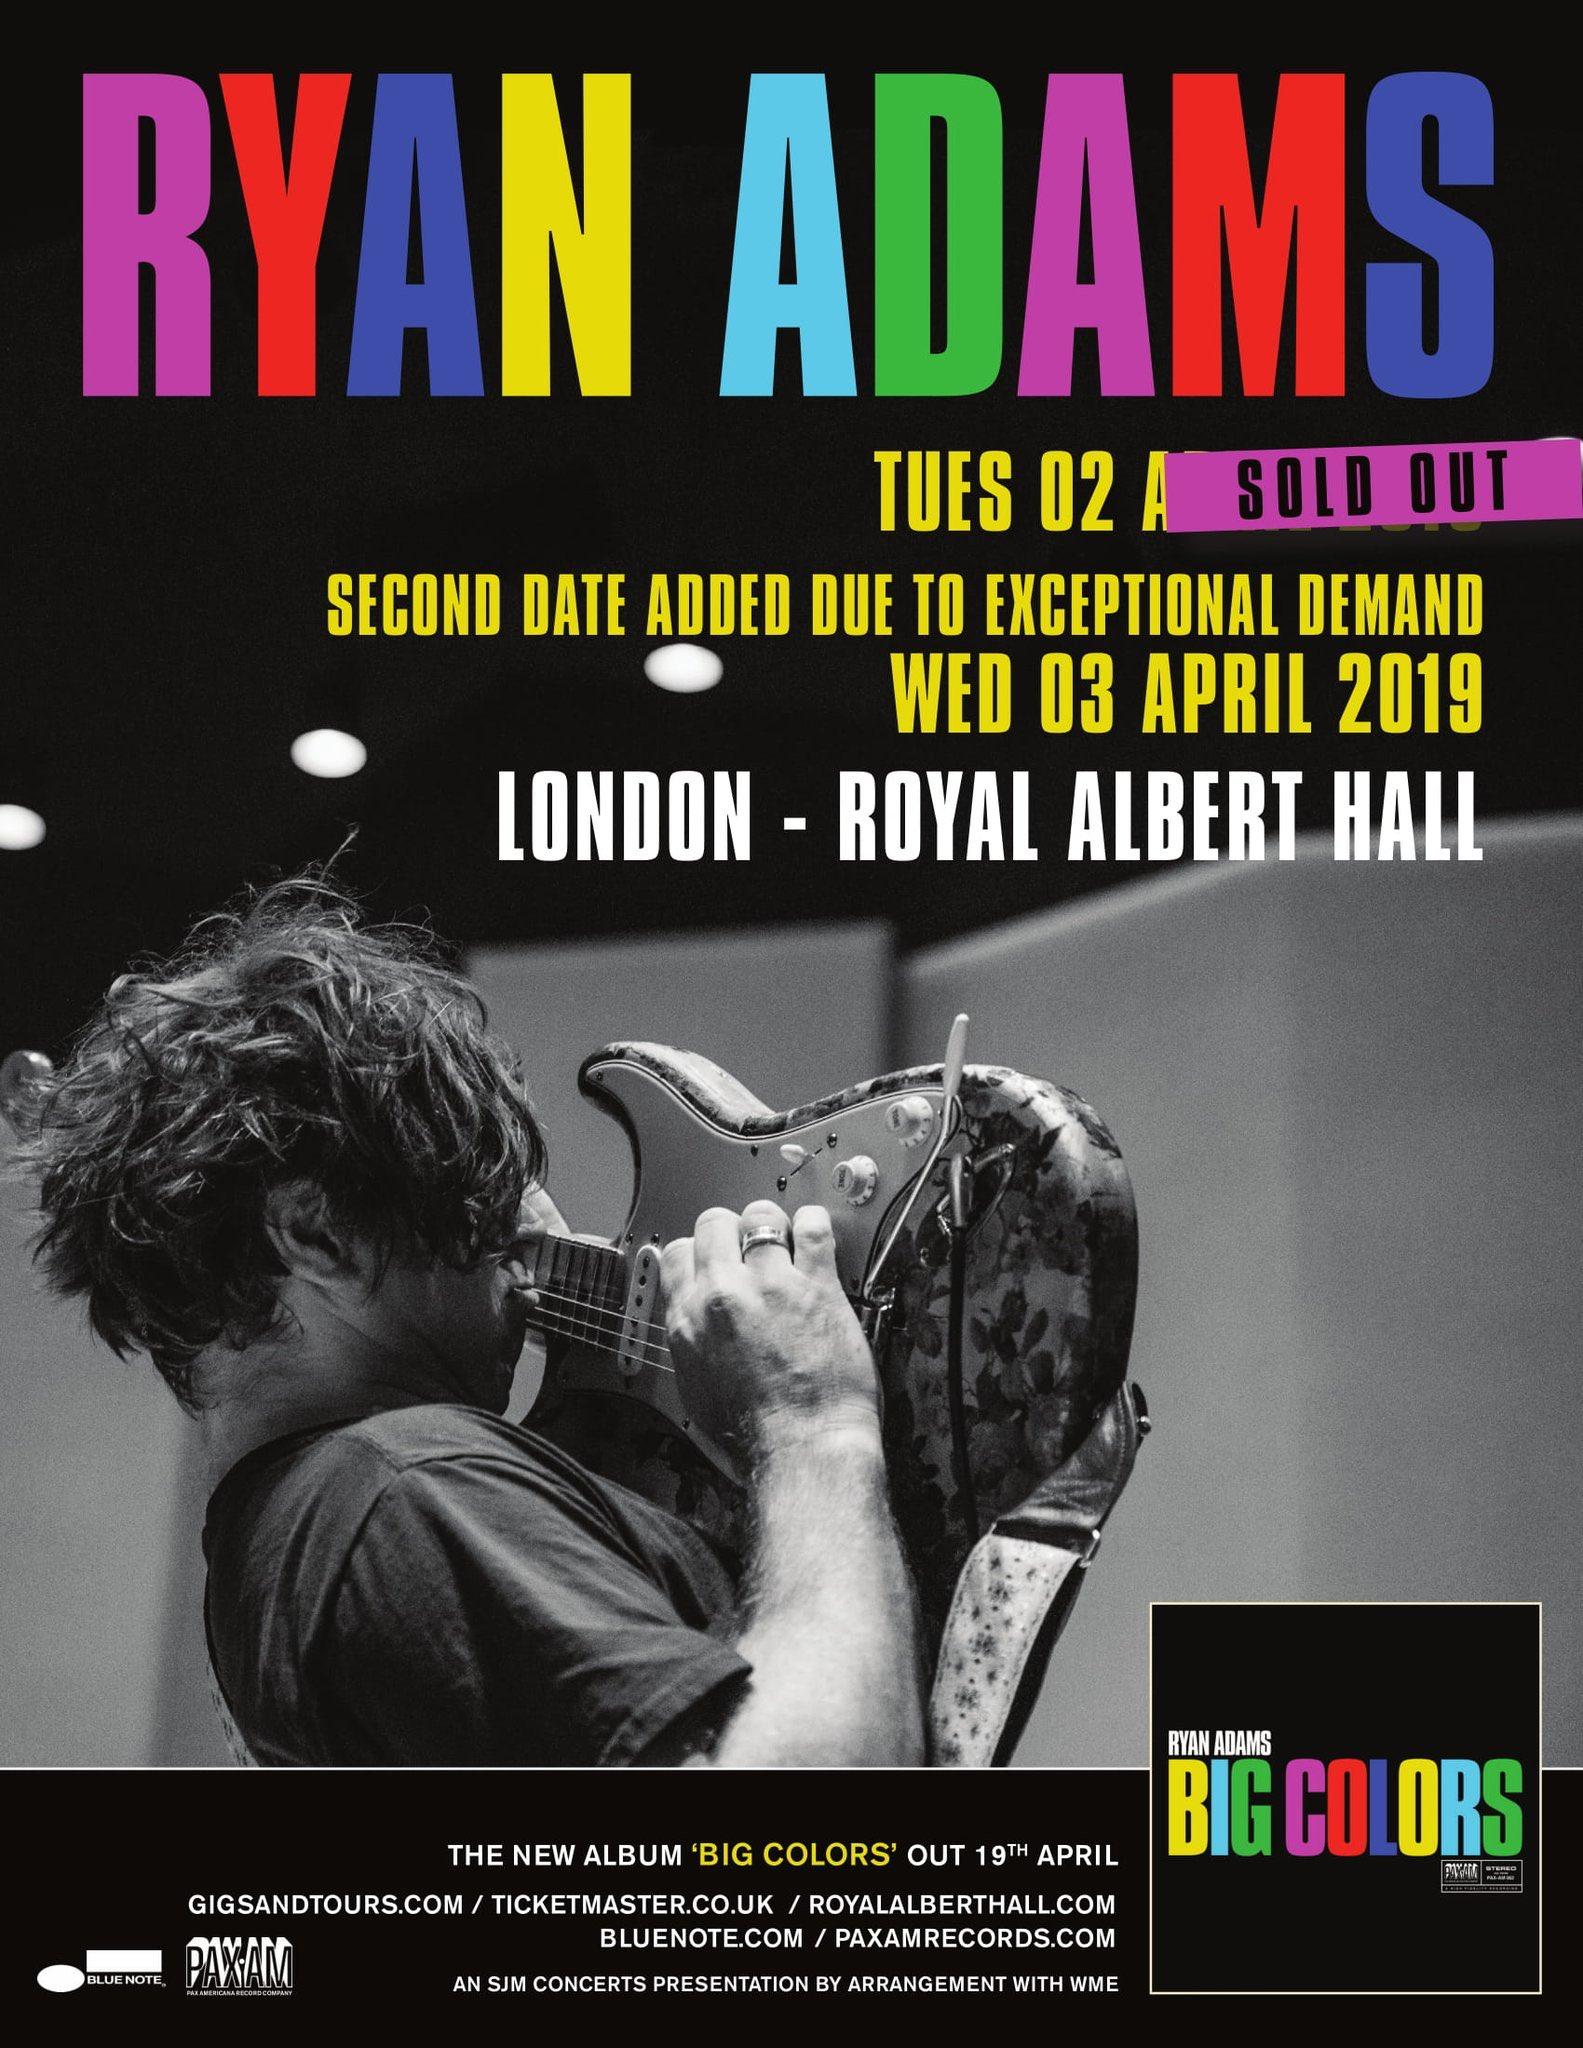 Ryan Adams - Página 6 DxwHAUsW0AE2aG6